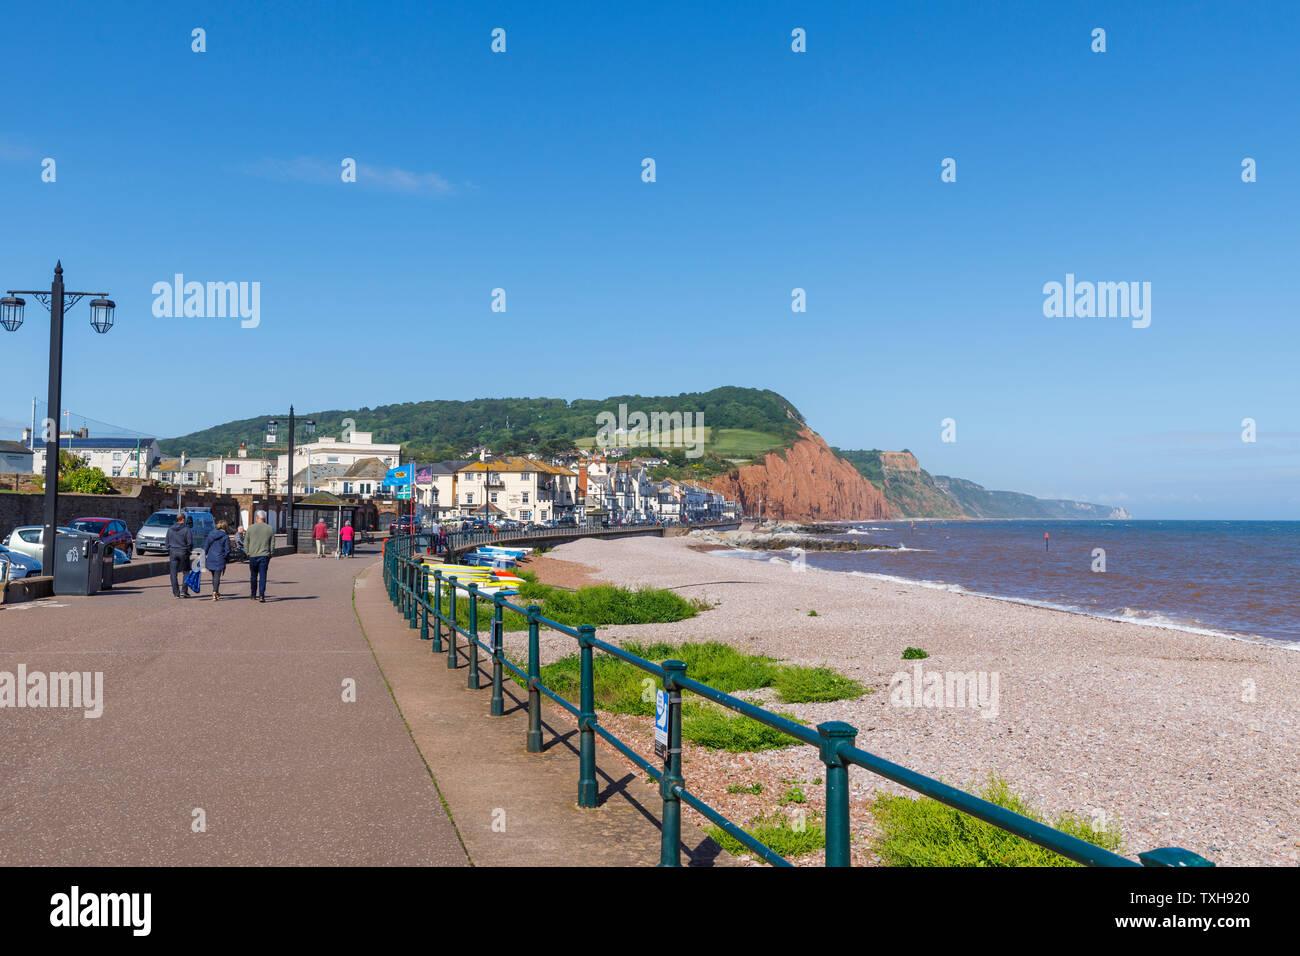 La passeggiata sul lungomare e la spiaggia di ciottoli guardando ad est a Sidmouth, una piccola e rinomata costa sud cittadina balneare nel Devon, sud-ovest Inghilterra Foto Stock